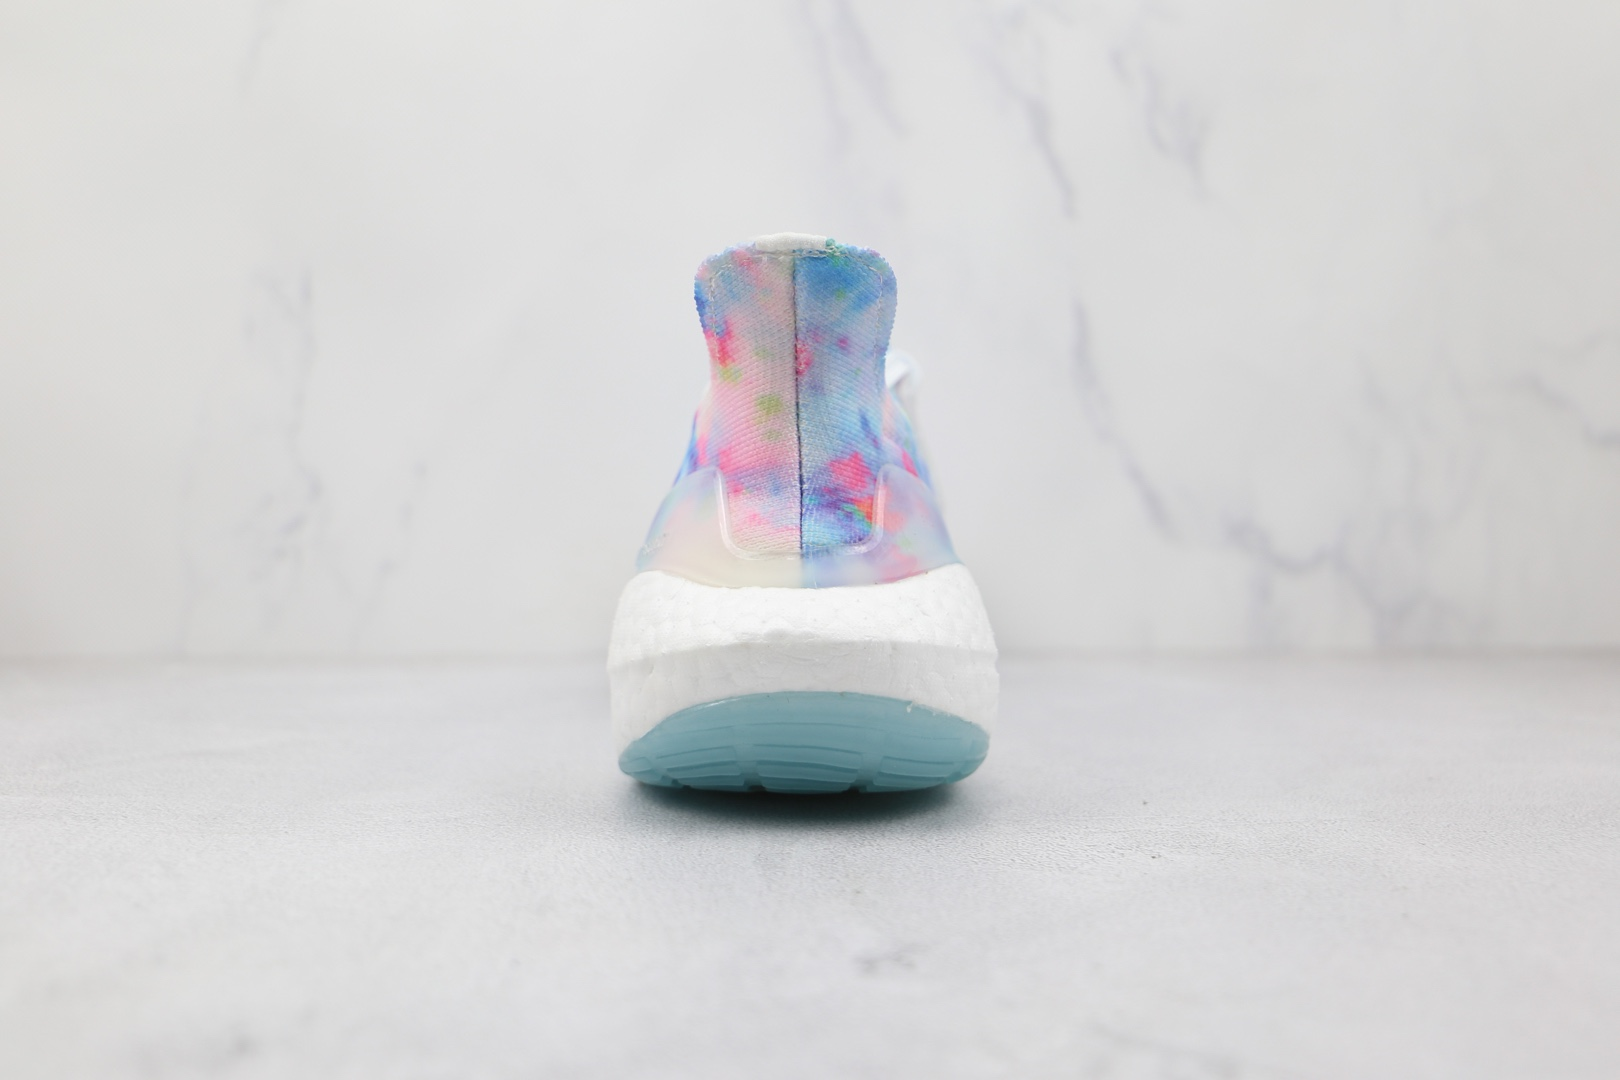 阿迪达斯adidas ultra boost 2021纯原版本白蓝粉水洗扎染UB7.0爆米花跑鞋原盒原标 货号:GZ7104